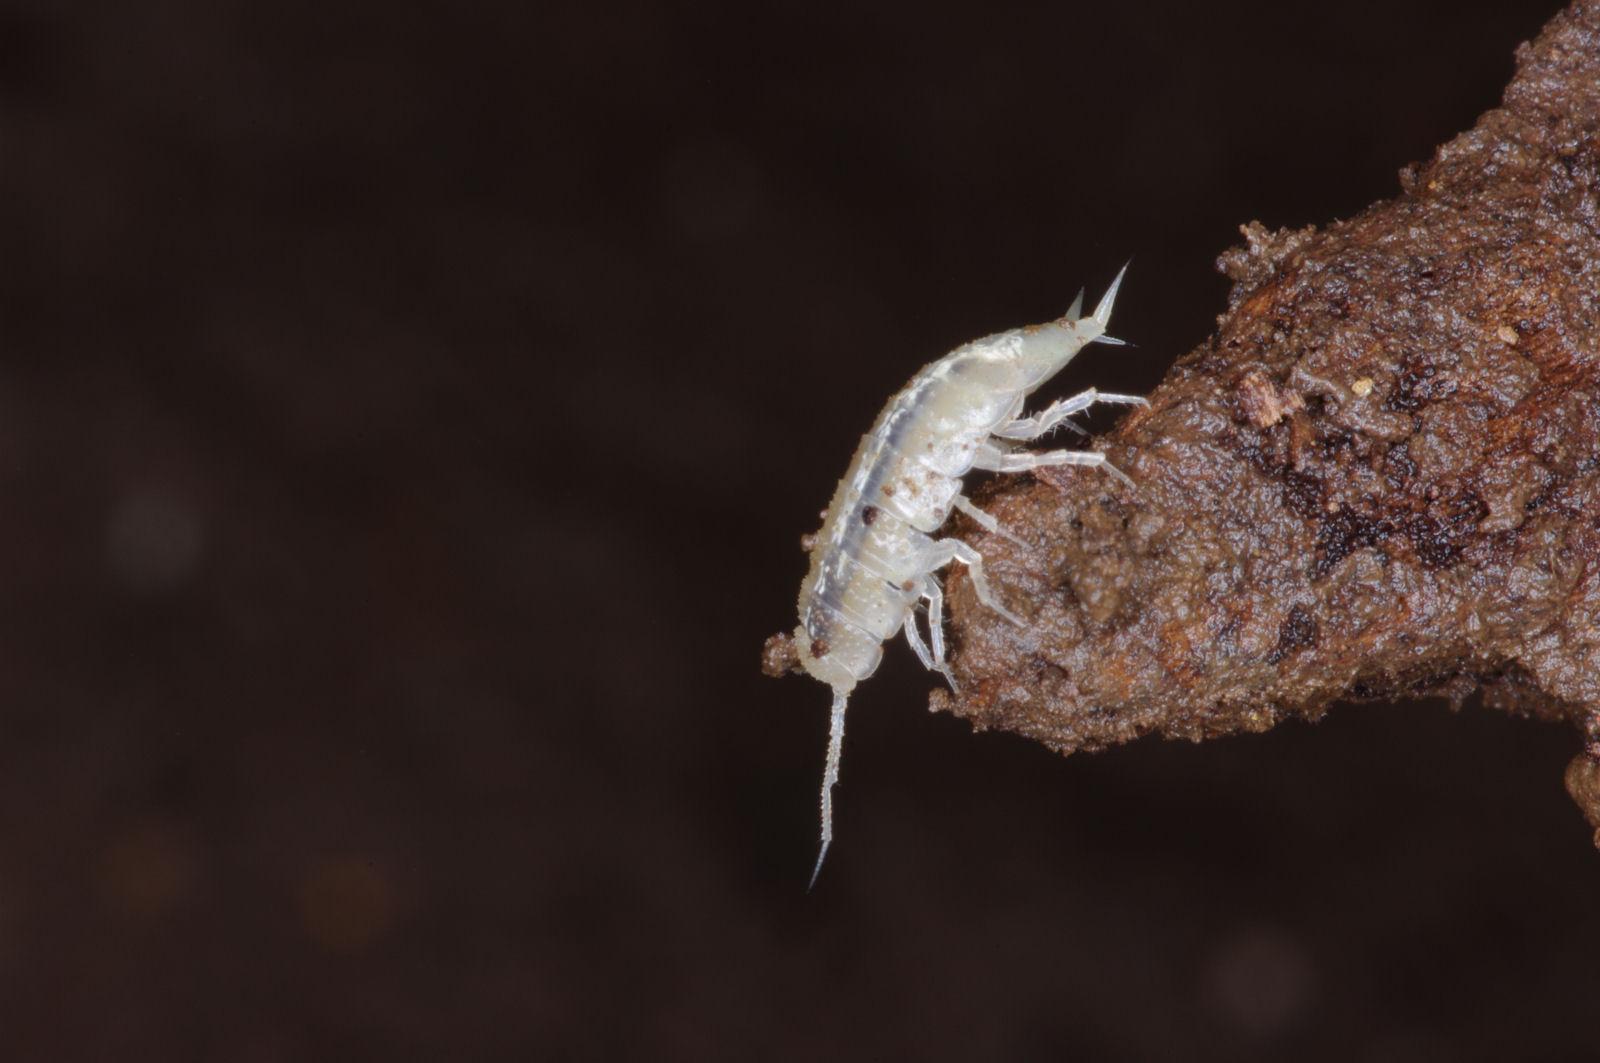 L'Alpioniscus Sideralis viu a una cova de l'illa de Sardenya, on ha tornat a adoptar l'aigua com a hàbitat